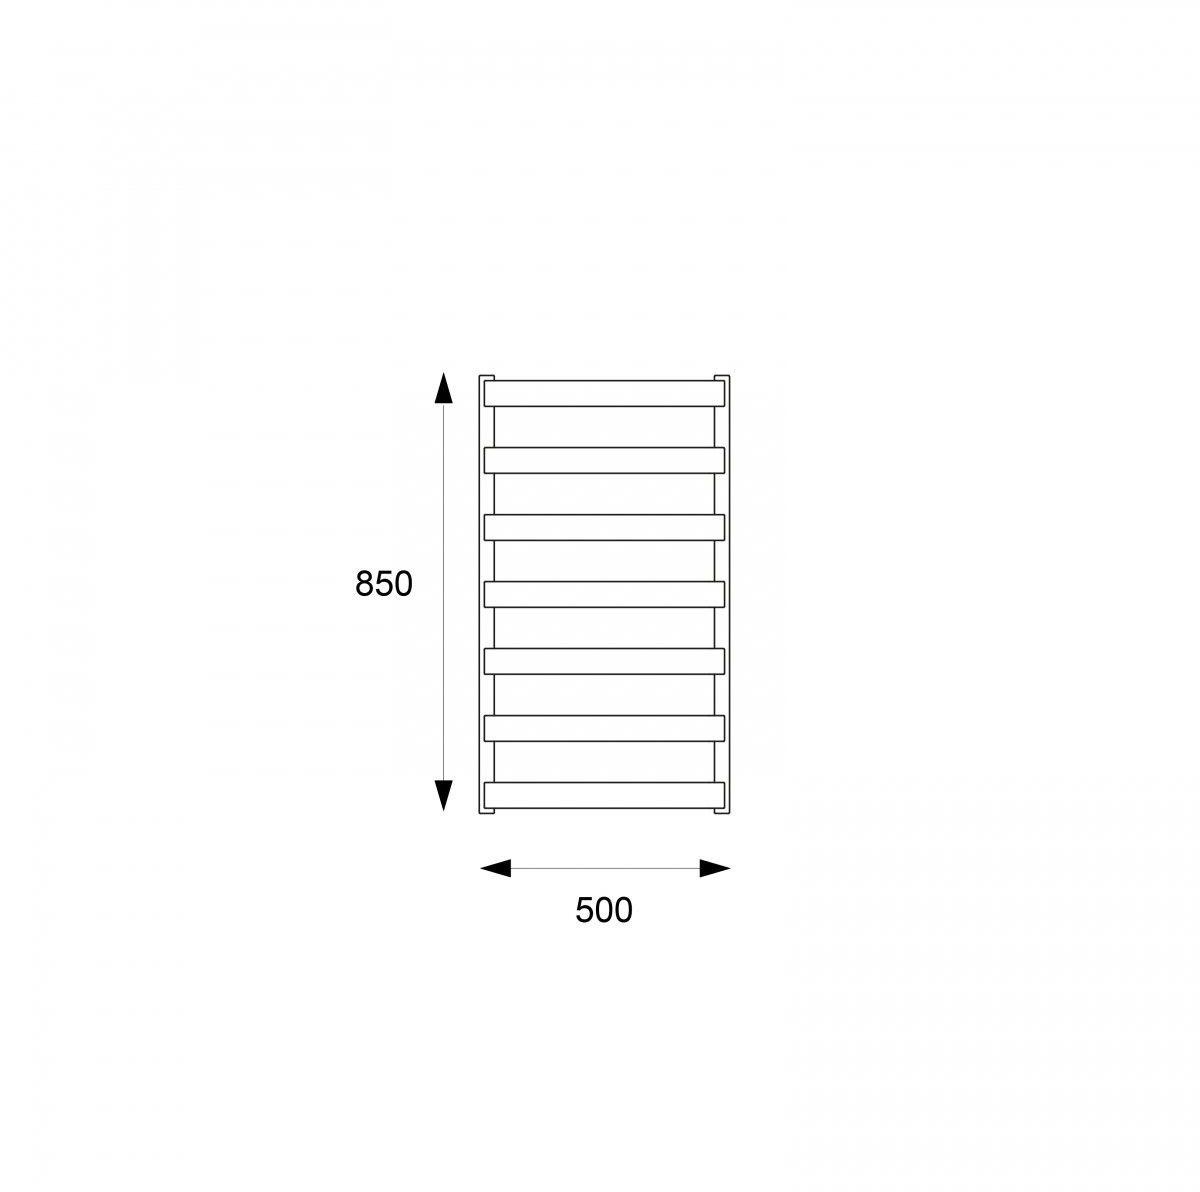 Grzejnik łazienkowy Meteor 85 Set biały, elektryczny